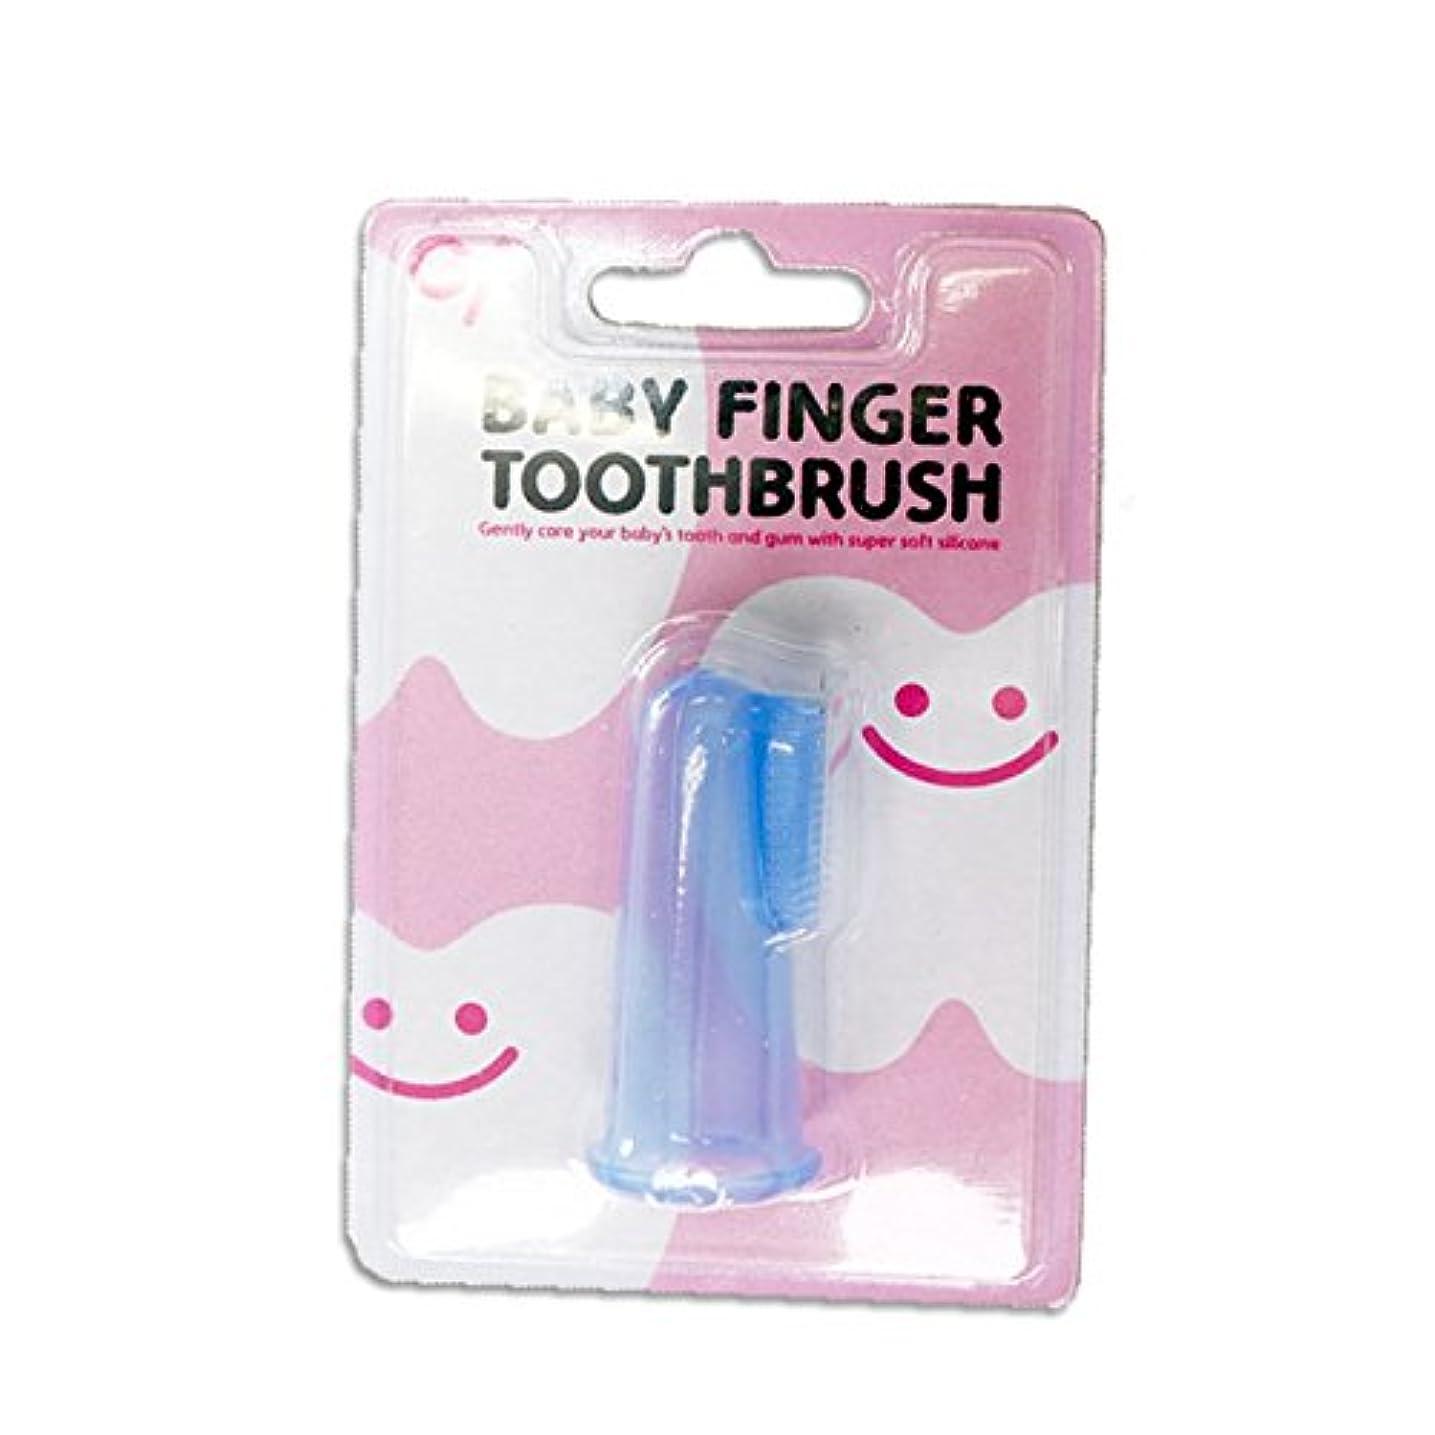 経験的切り離す別のベビーフィンガートゥースブラッシュ ベビーフィンガー歯ブラシ 12個入り BABY FINGER TOOTHBRUSH